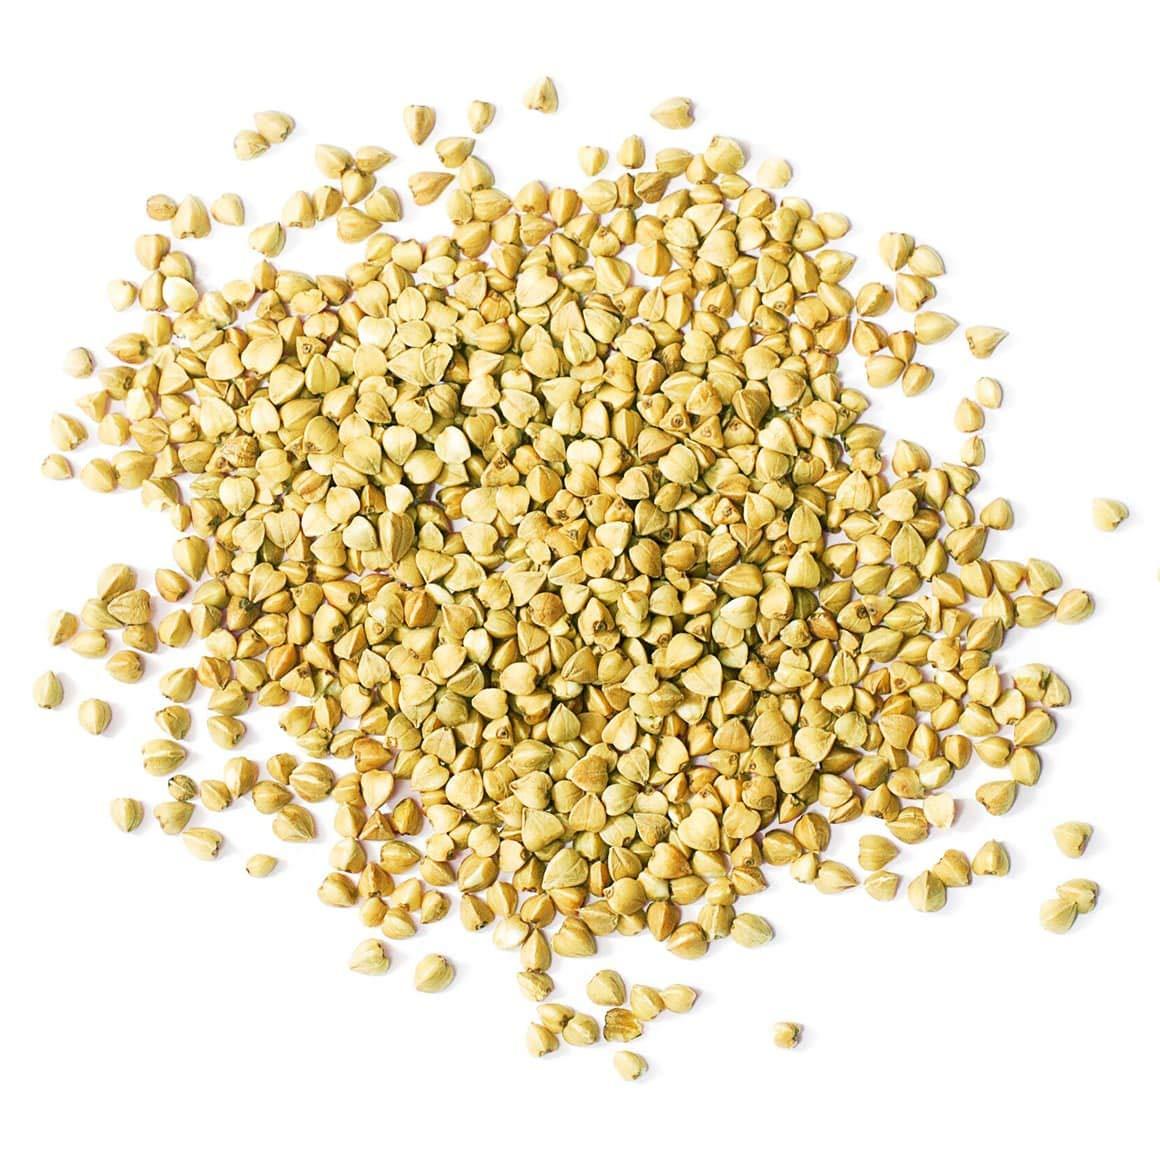 Granos de Trigo sarraceno orgánico, 15 Libras - sin cáscara, sin ...